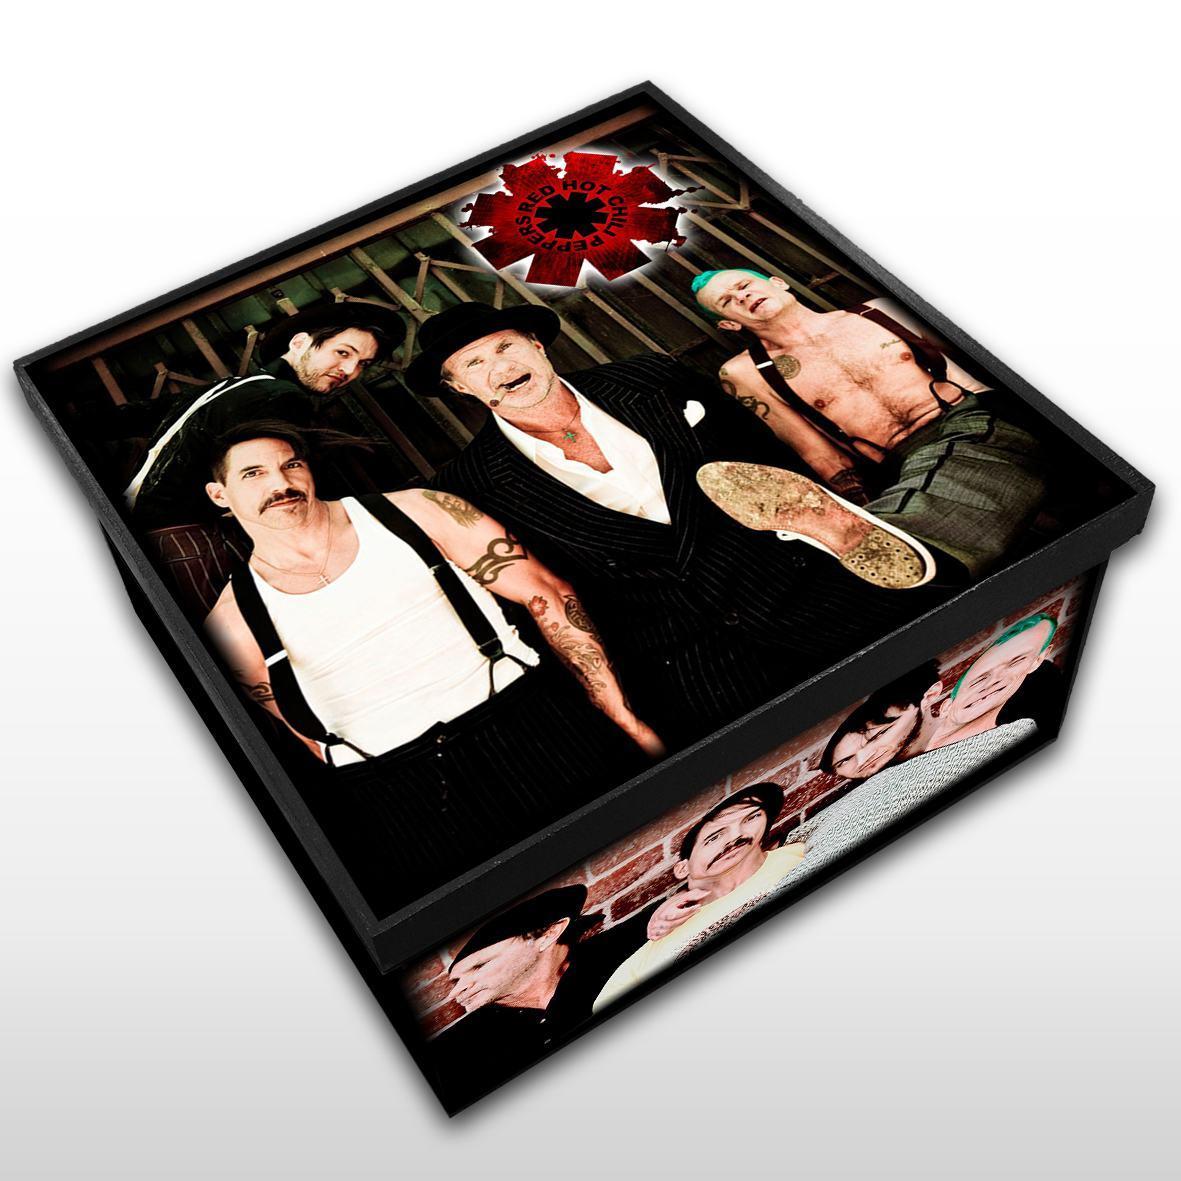 Red Hot Chili Peppers - Caixa em Madeira MDF - Tamanho Médio - Mr. Rock